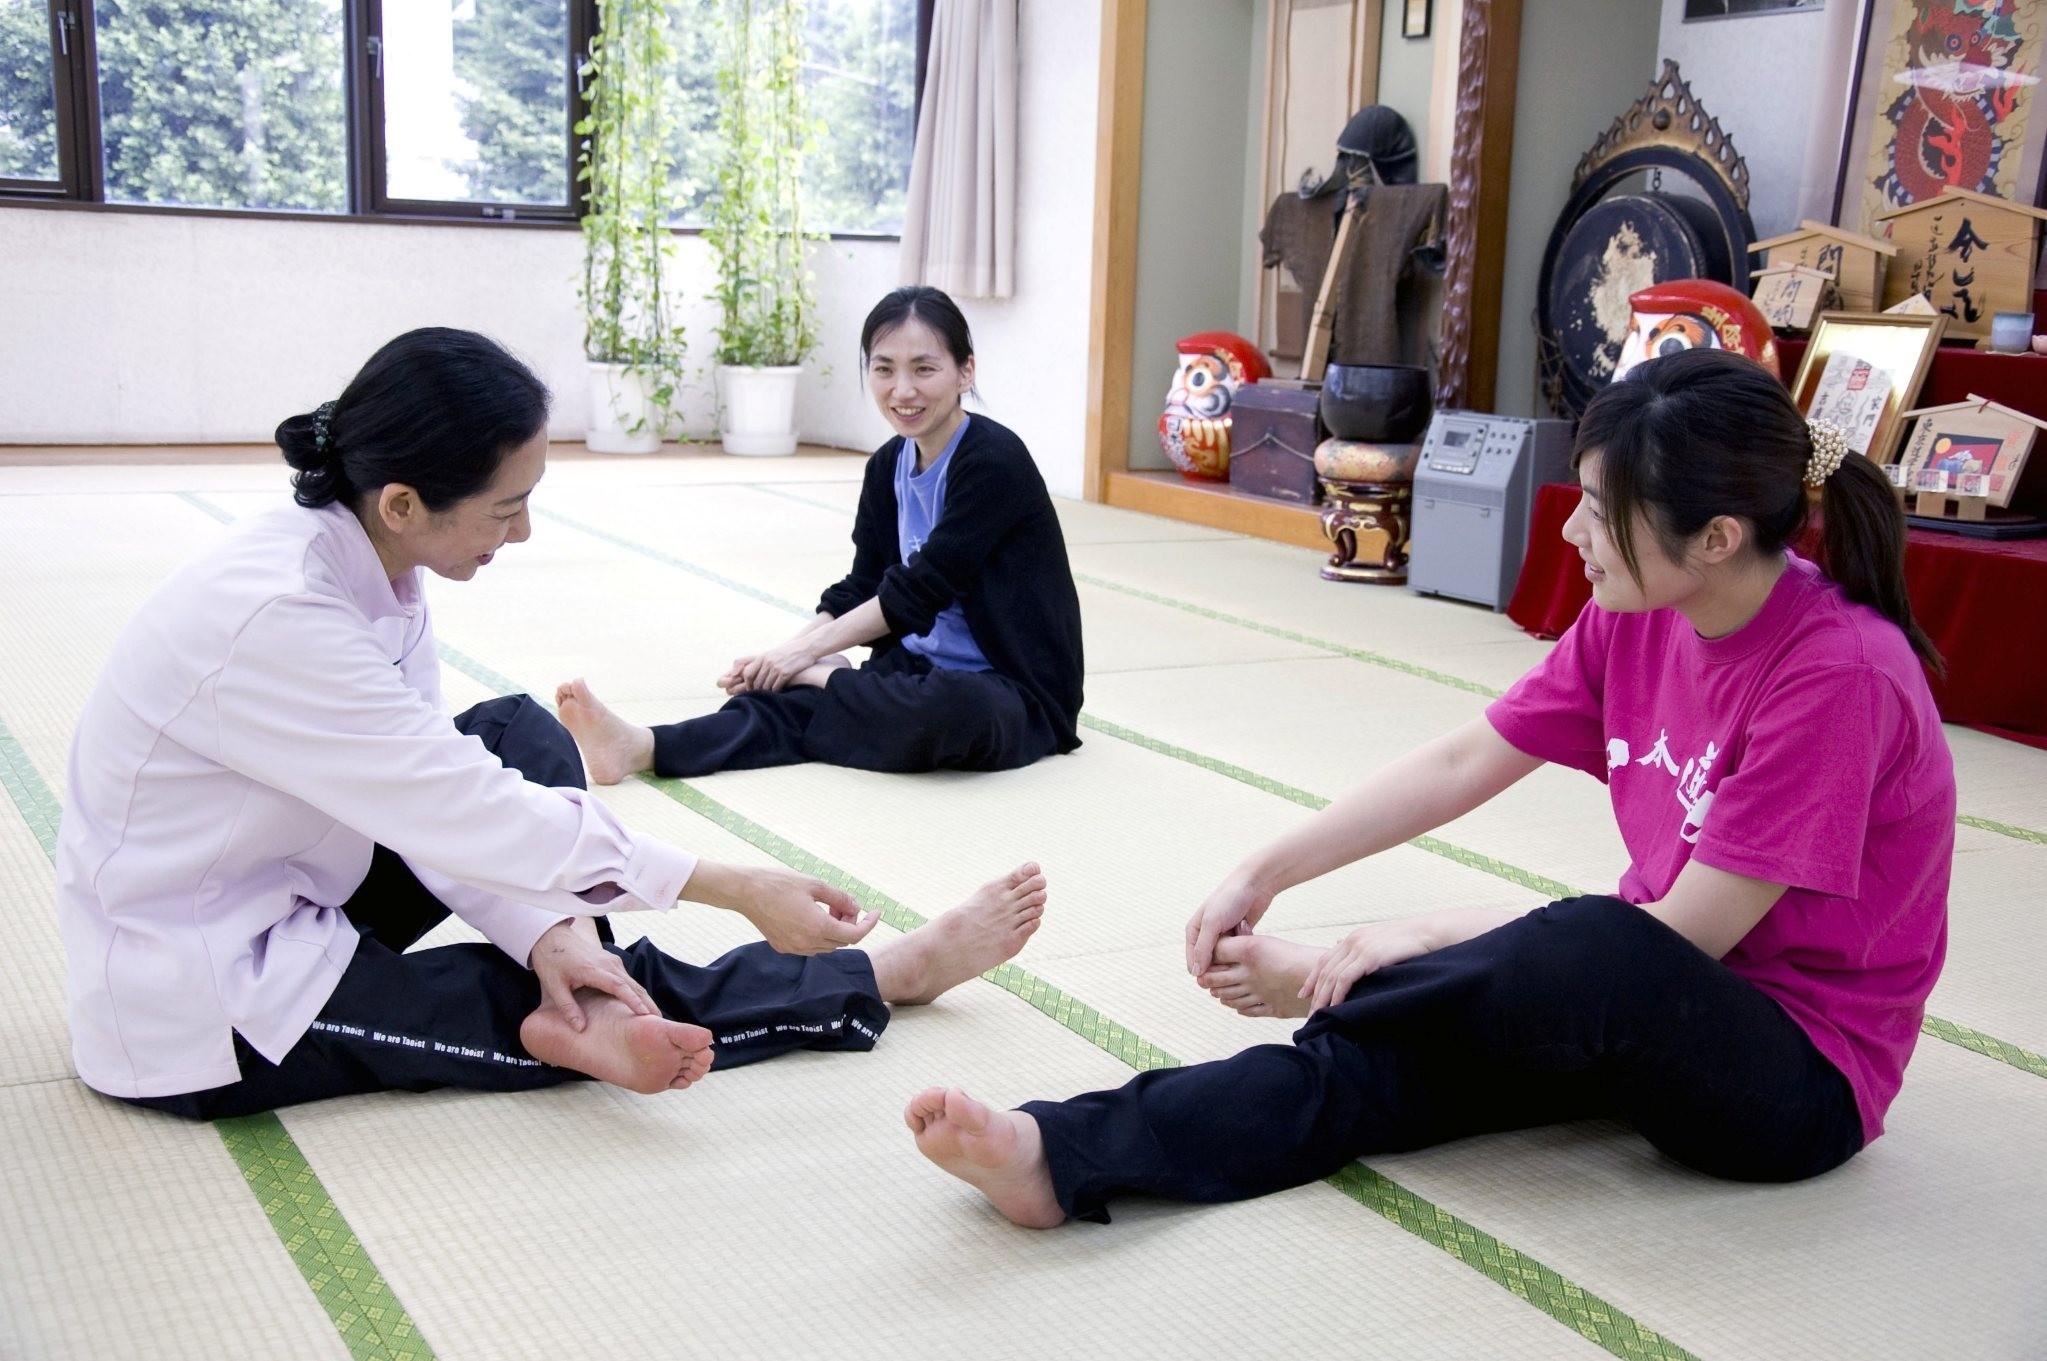 札幌で習える! ☆ 令和の冬、気功の大元「気のトレーニング」で、心も体も元気に、免疫力アップしよう!